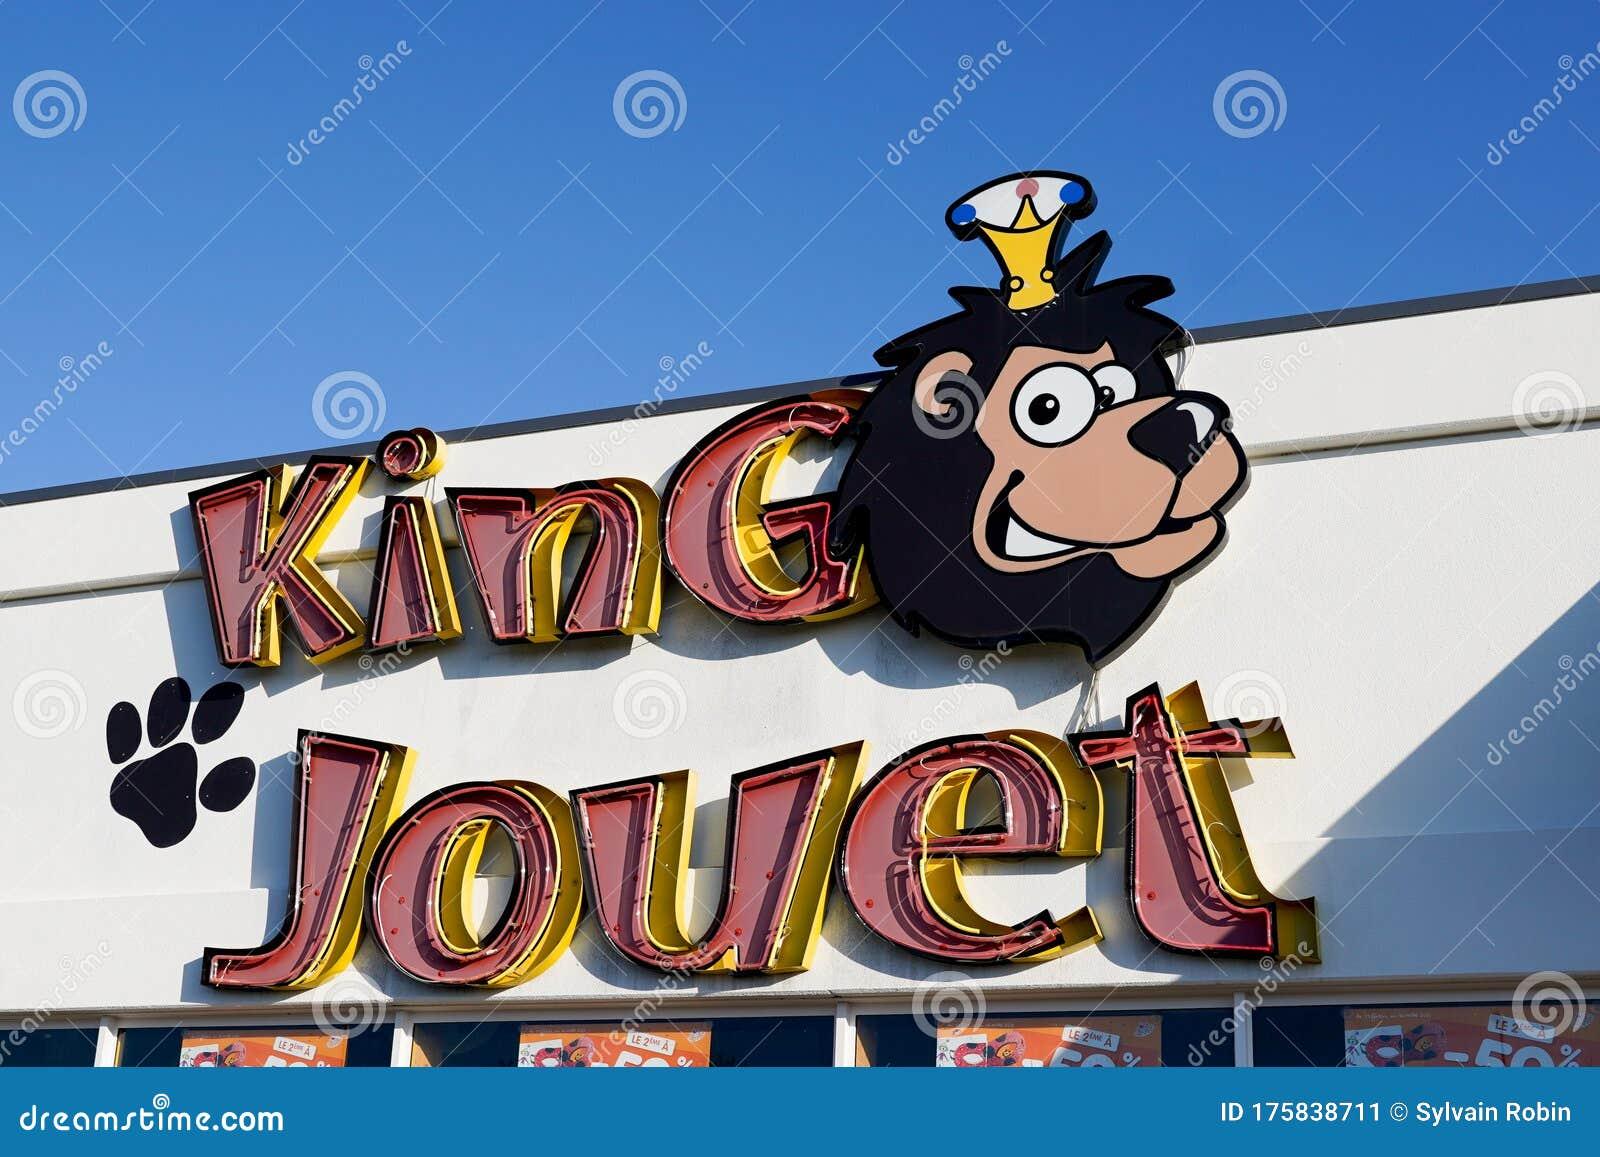 Bordeaux , Aquitaine / France - 03 15 2020 : King Jouet ...